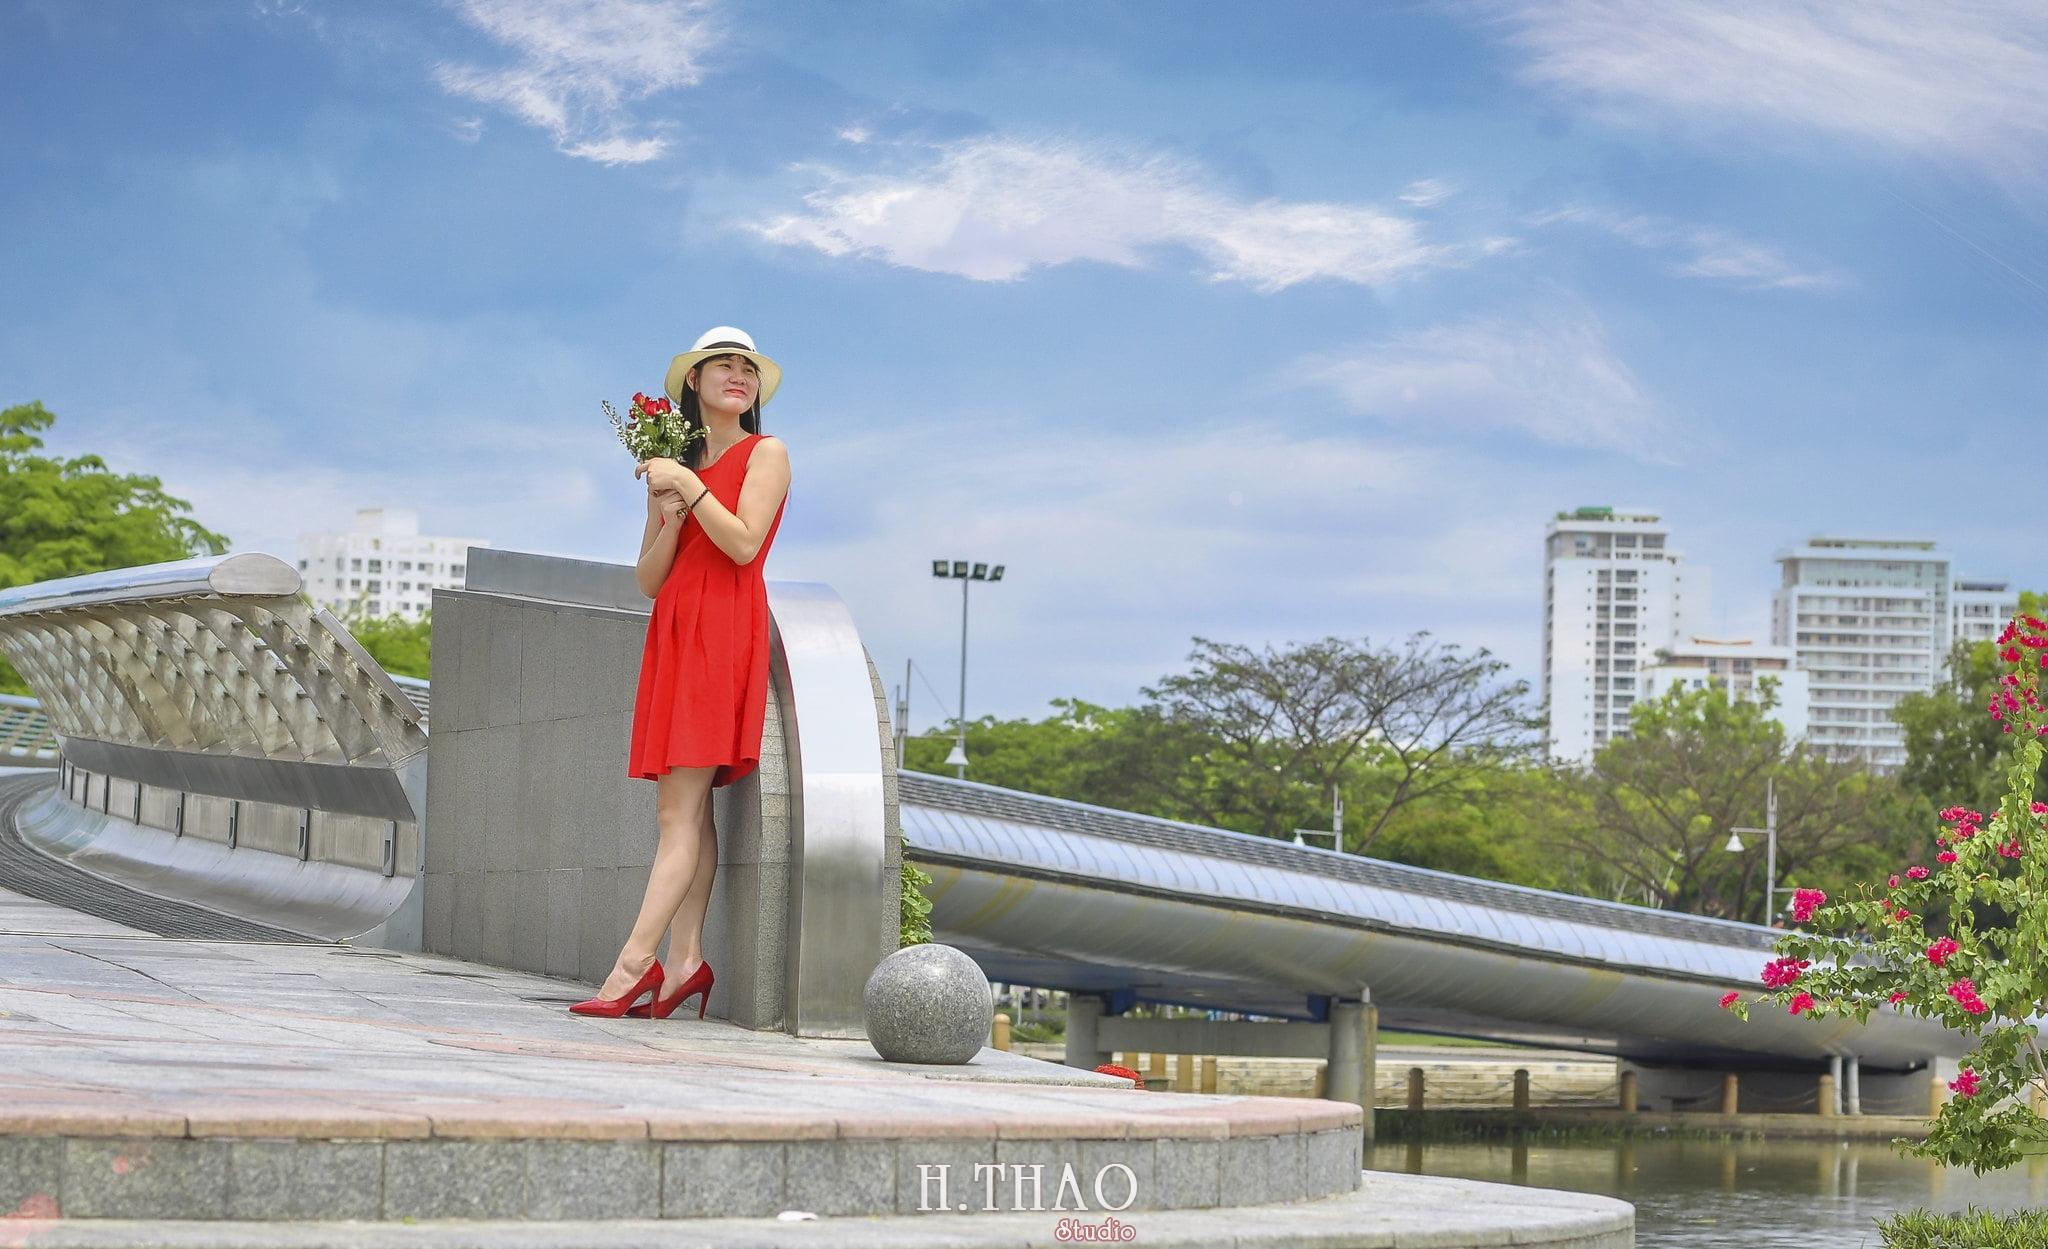 chup anh o cau anh sao 3 - Top 5 địa điểm chụp ảnh couple đẹp nhất Tp.HCM